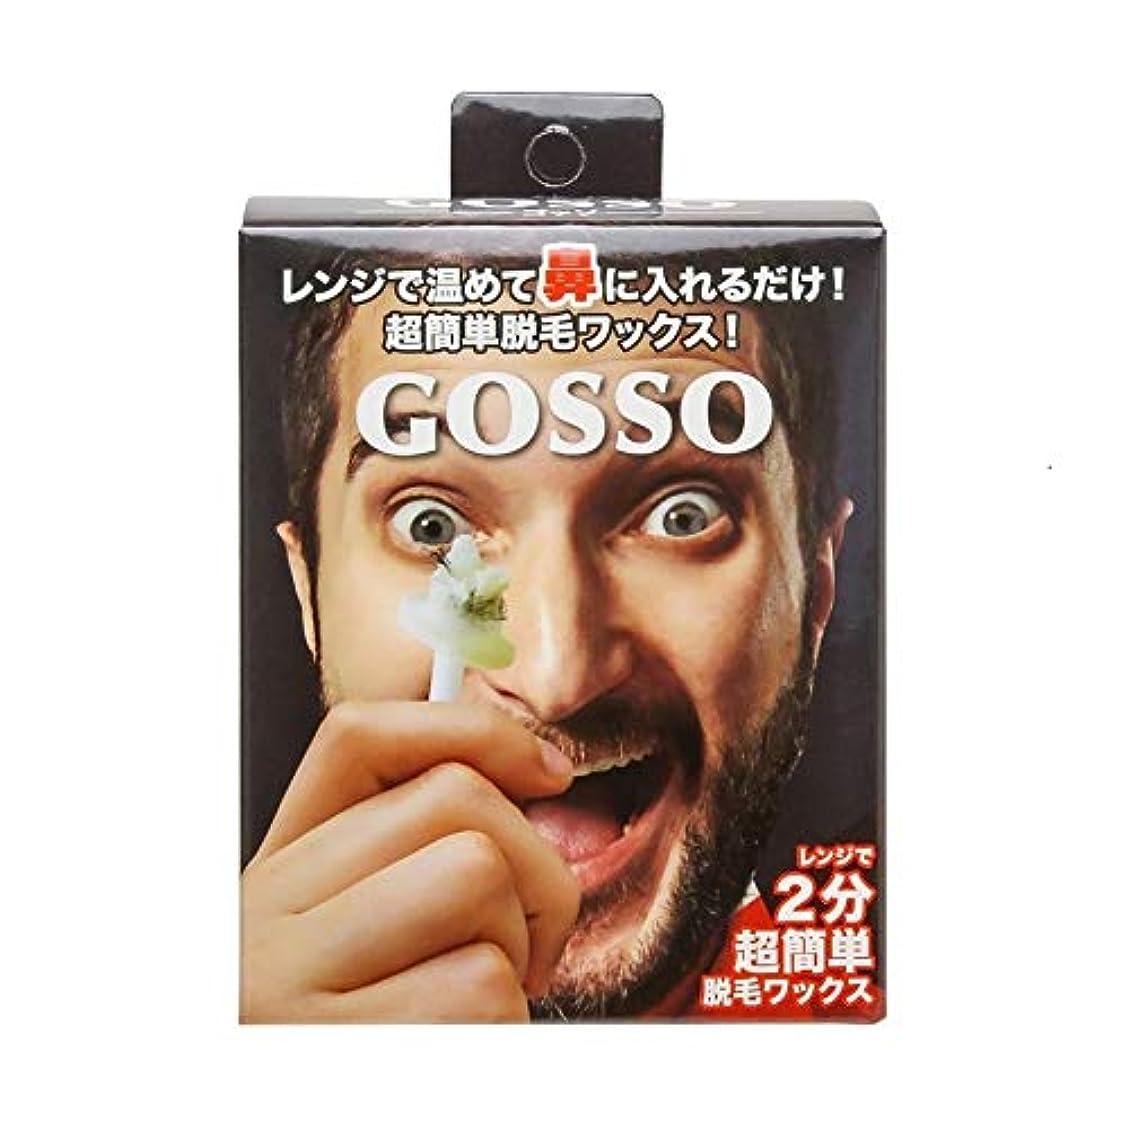 確認してください和らげる上流のGOSSO ゴッソ (ブラジリアンワックス鼻毛脱毛セット)